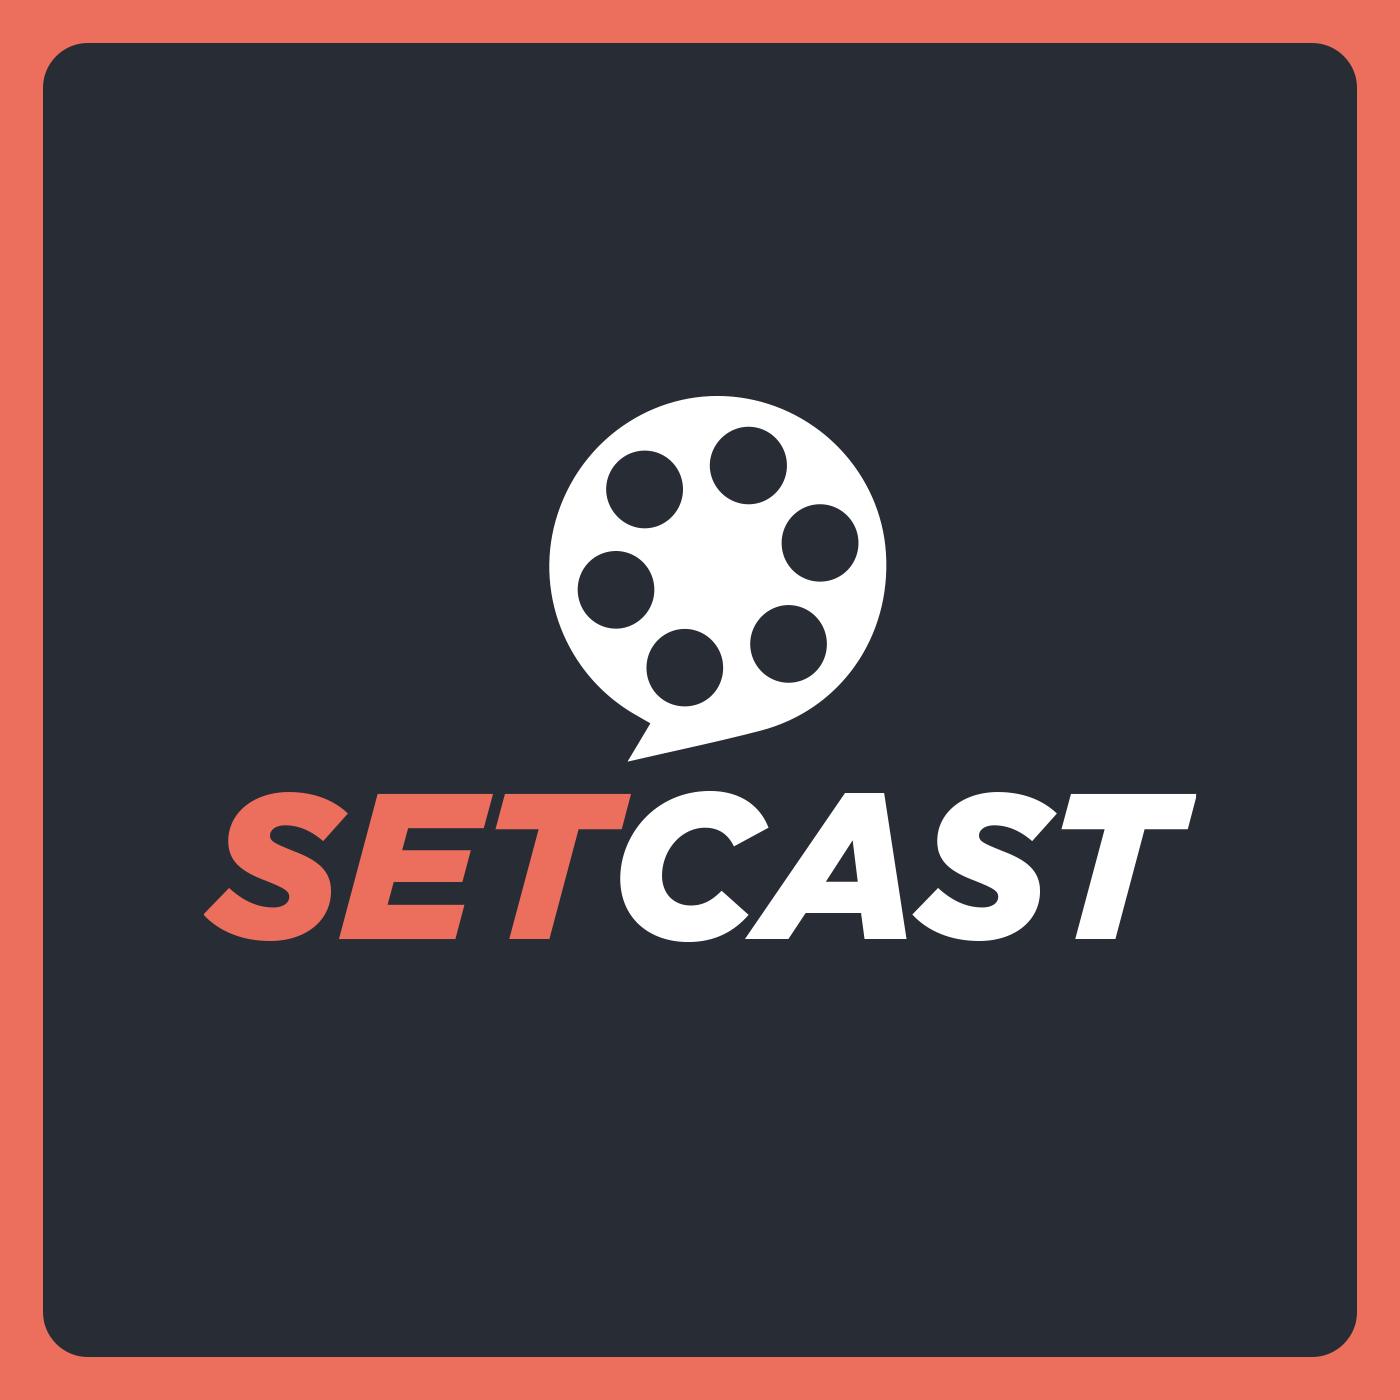 SetCast